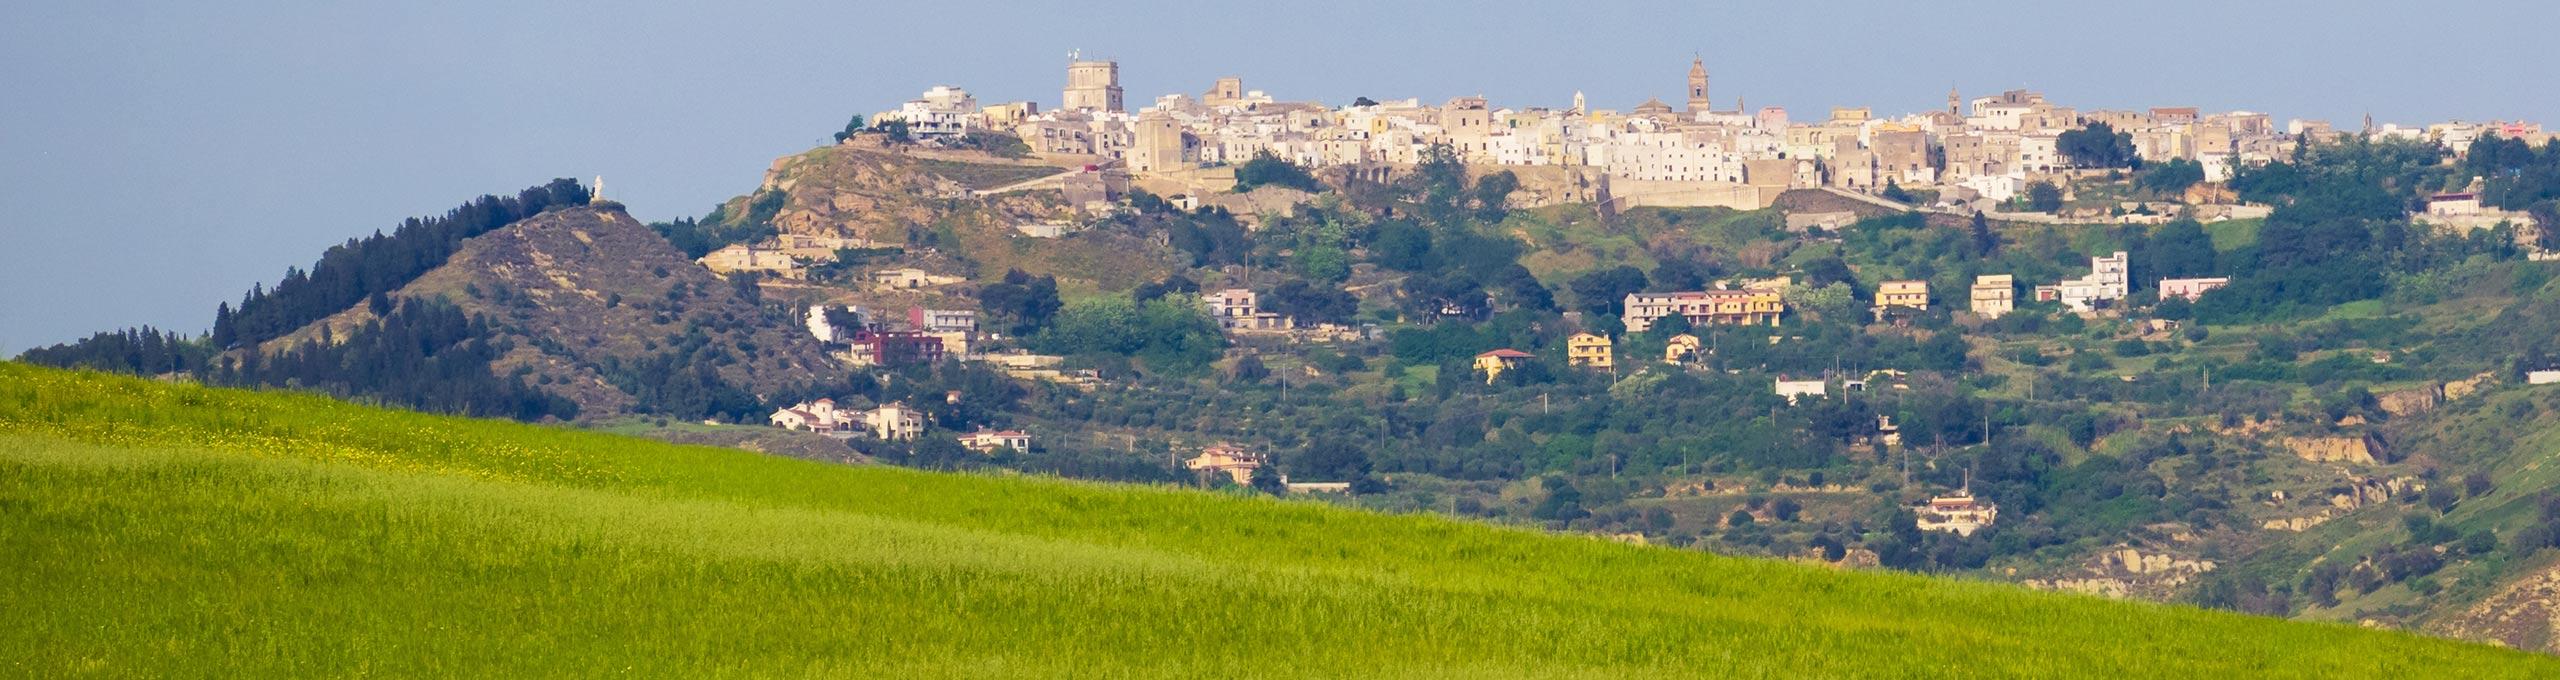 Montescaglioso, Collina Materana